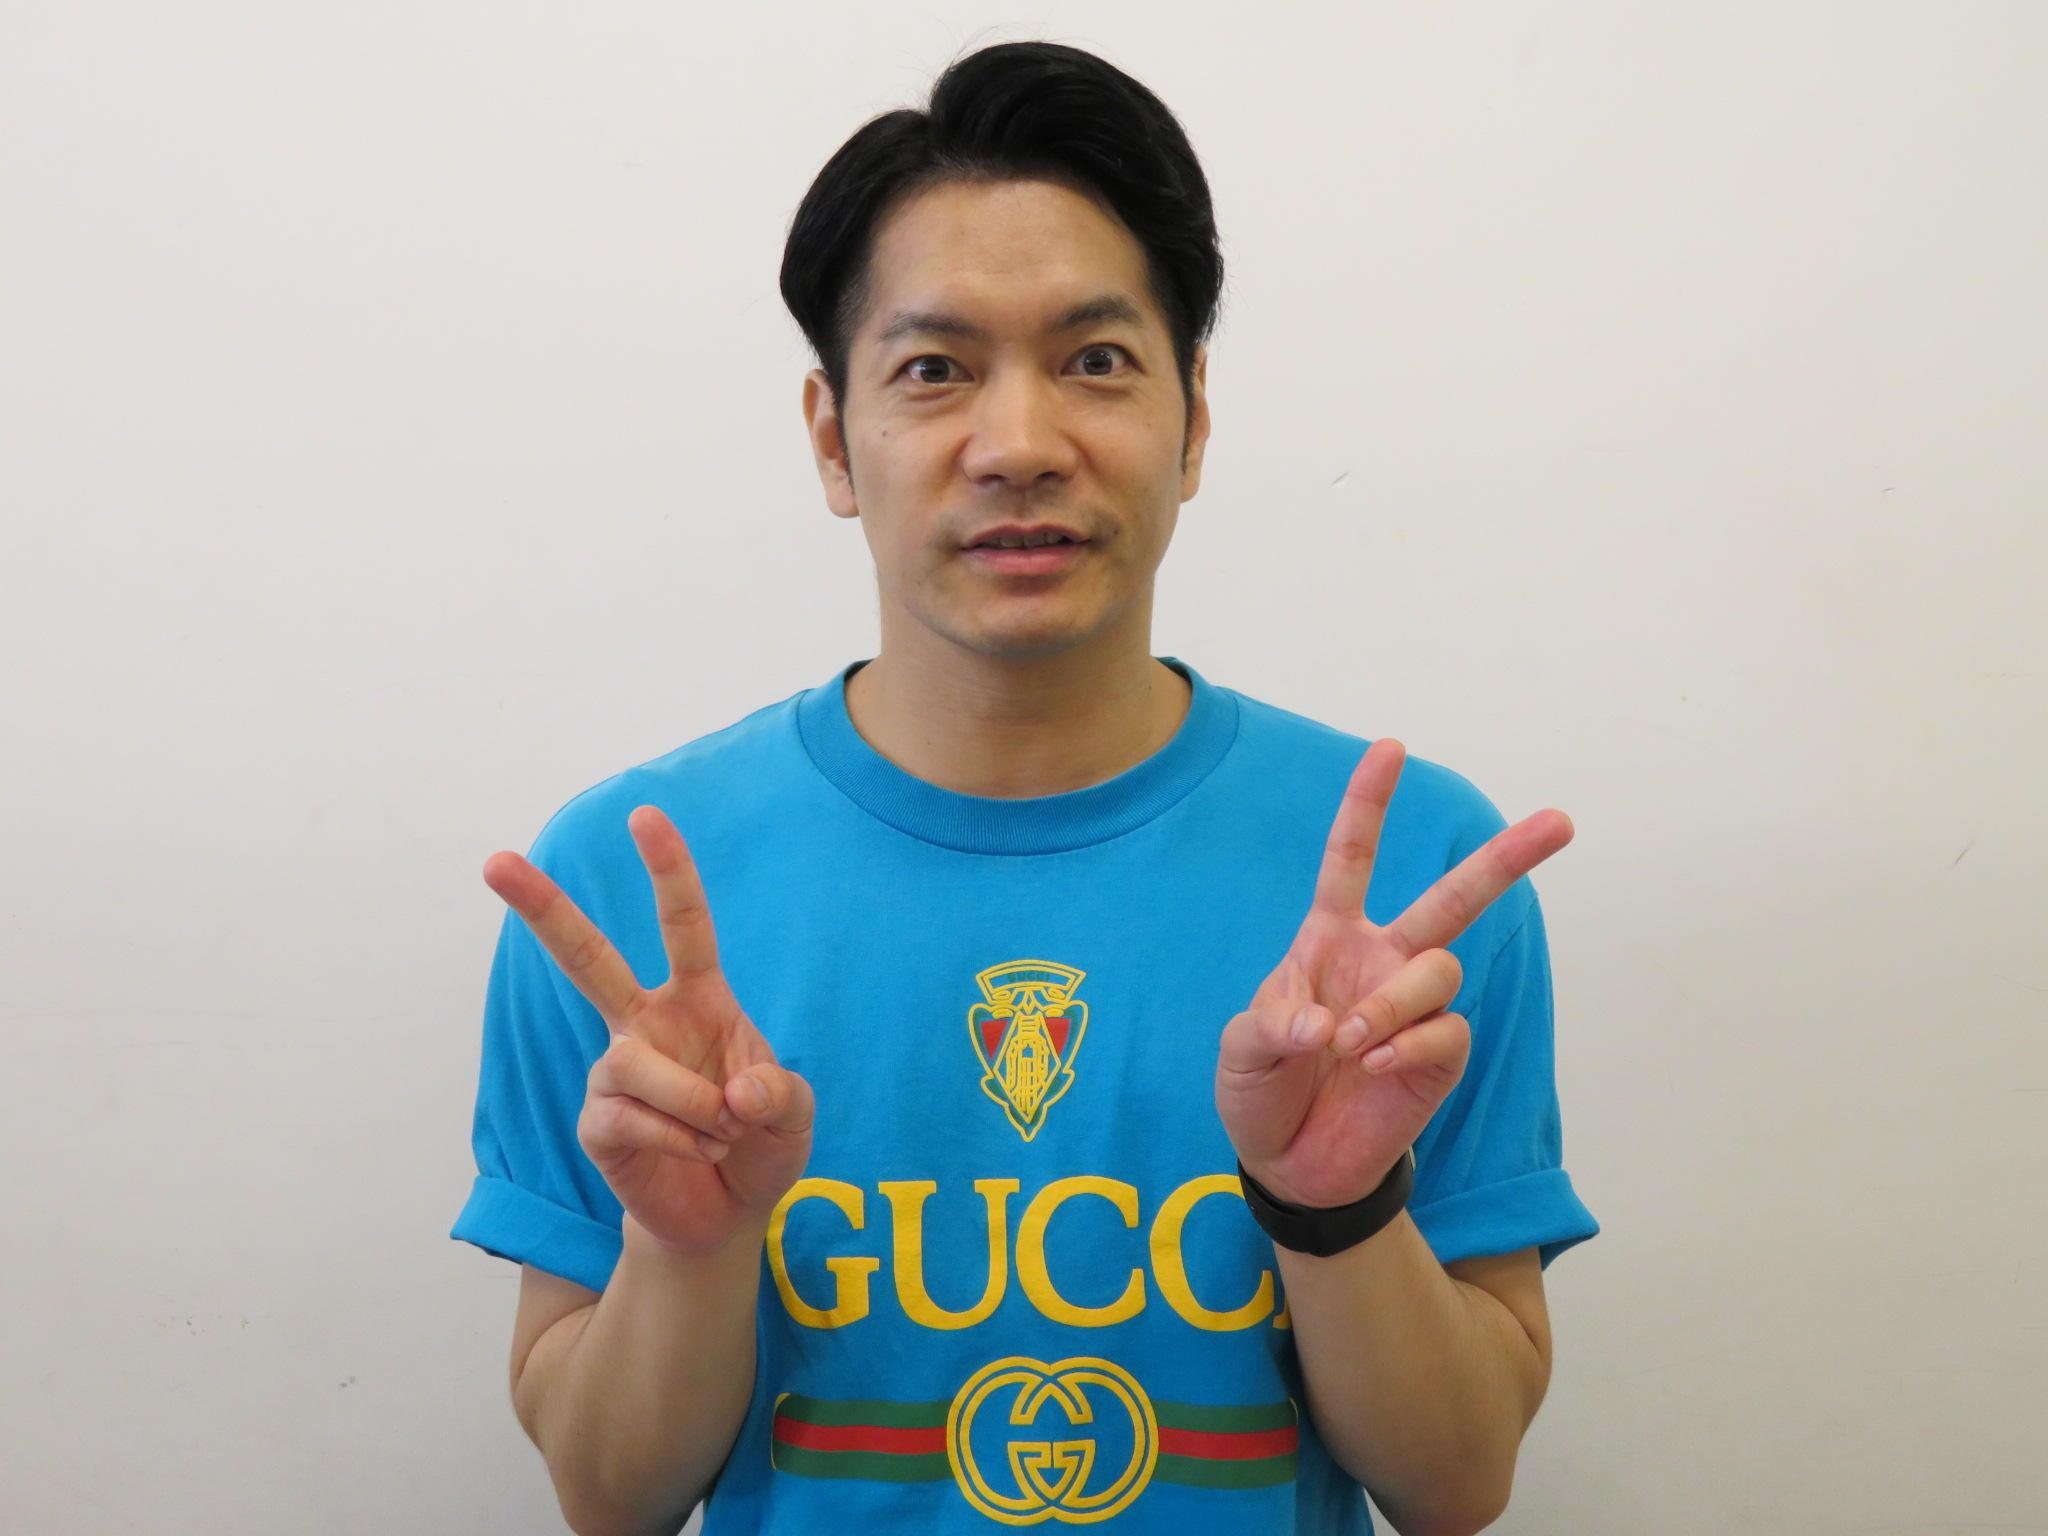 http://news.yoshimoto.co.jp/20180801110508-e55074229218d00f98b40551371f620bb5fdee07.jpg